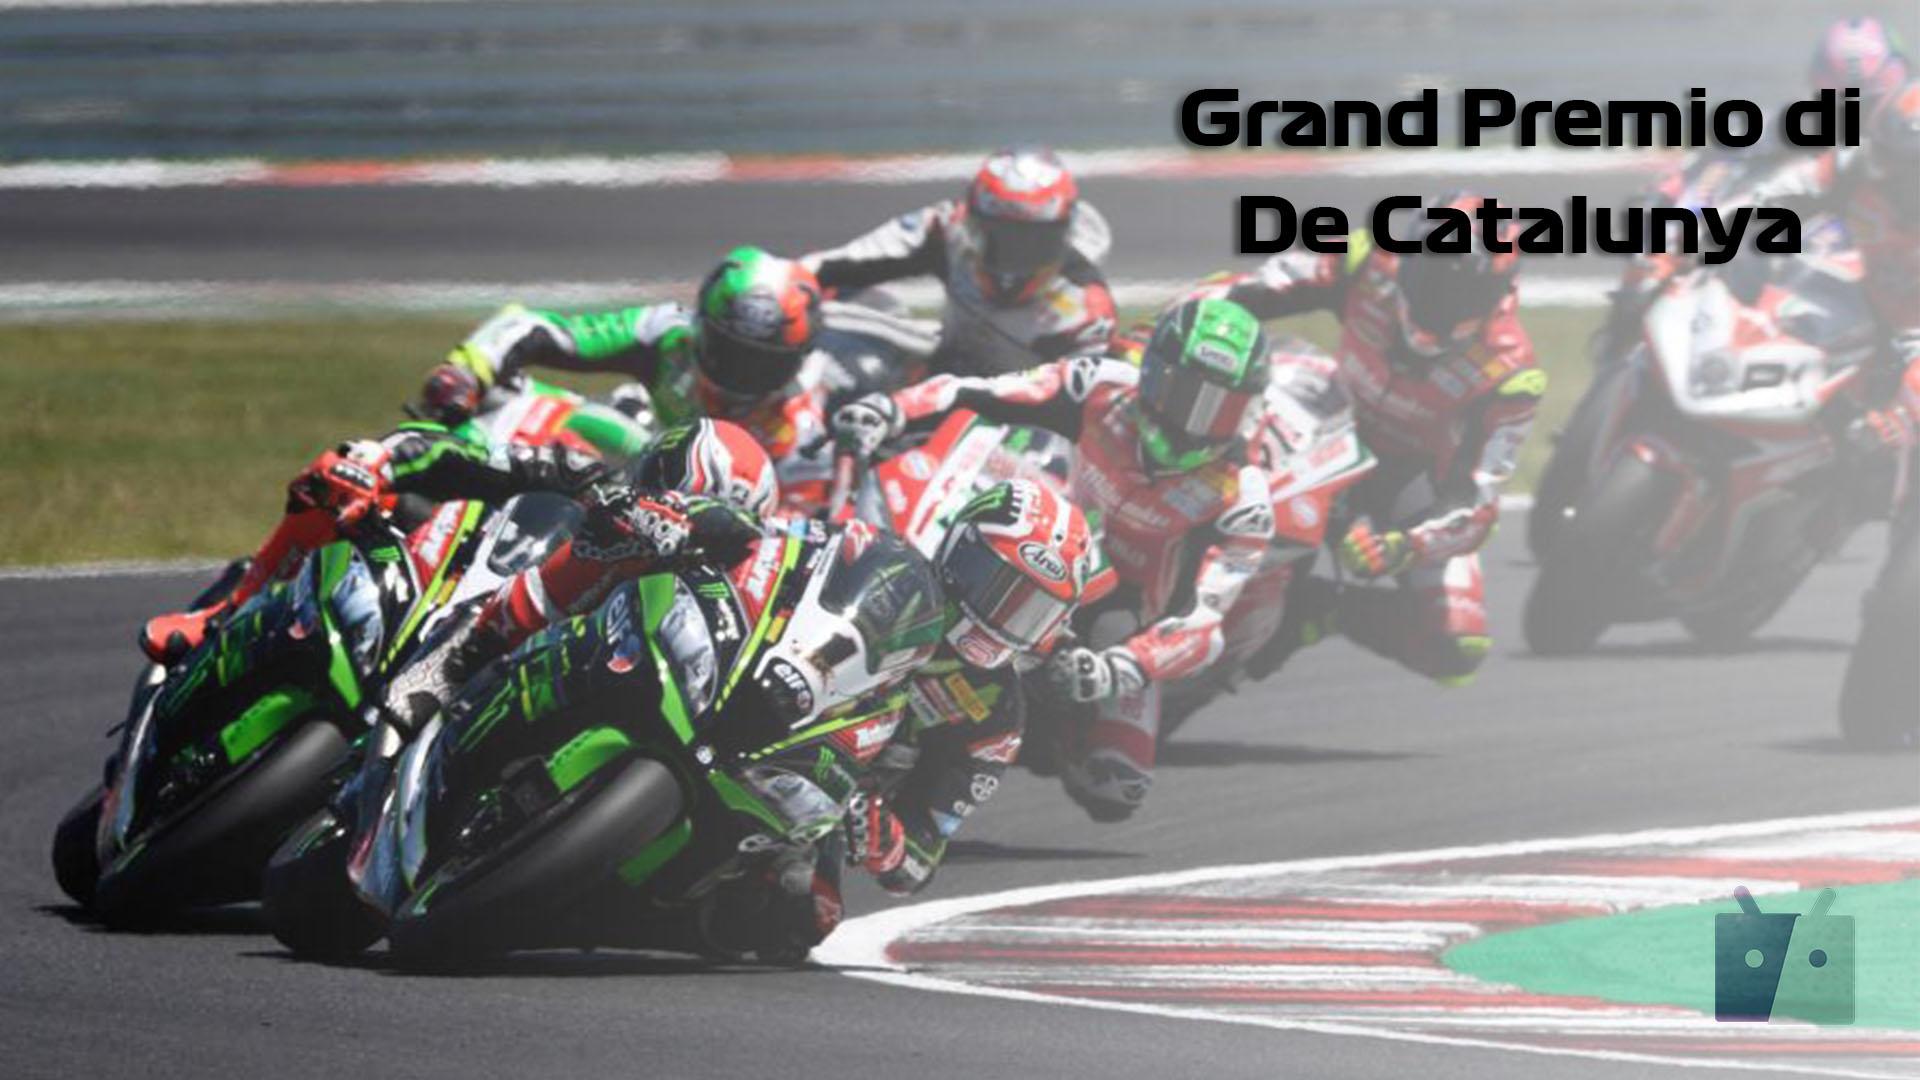 SBK, GP De Catalunya 2020 sul circuito di Catalunya Round: dove vedere la gara in TV e streaming